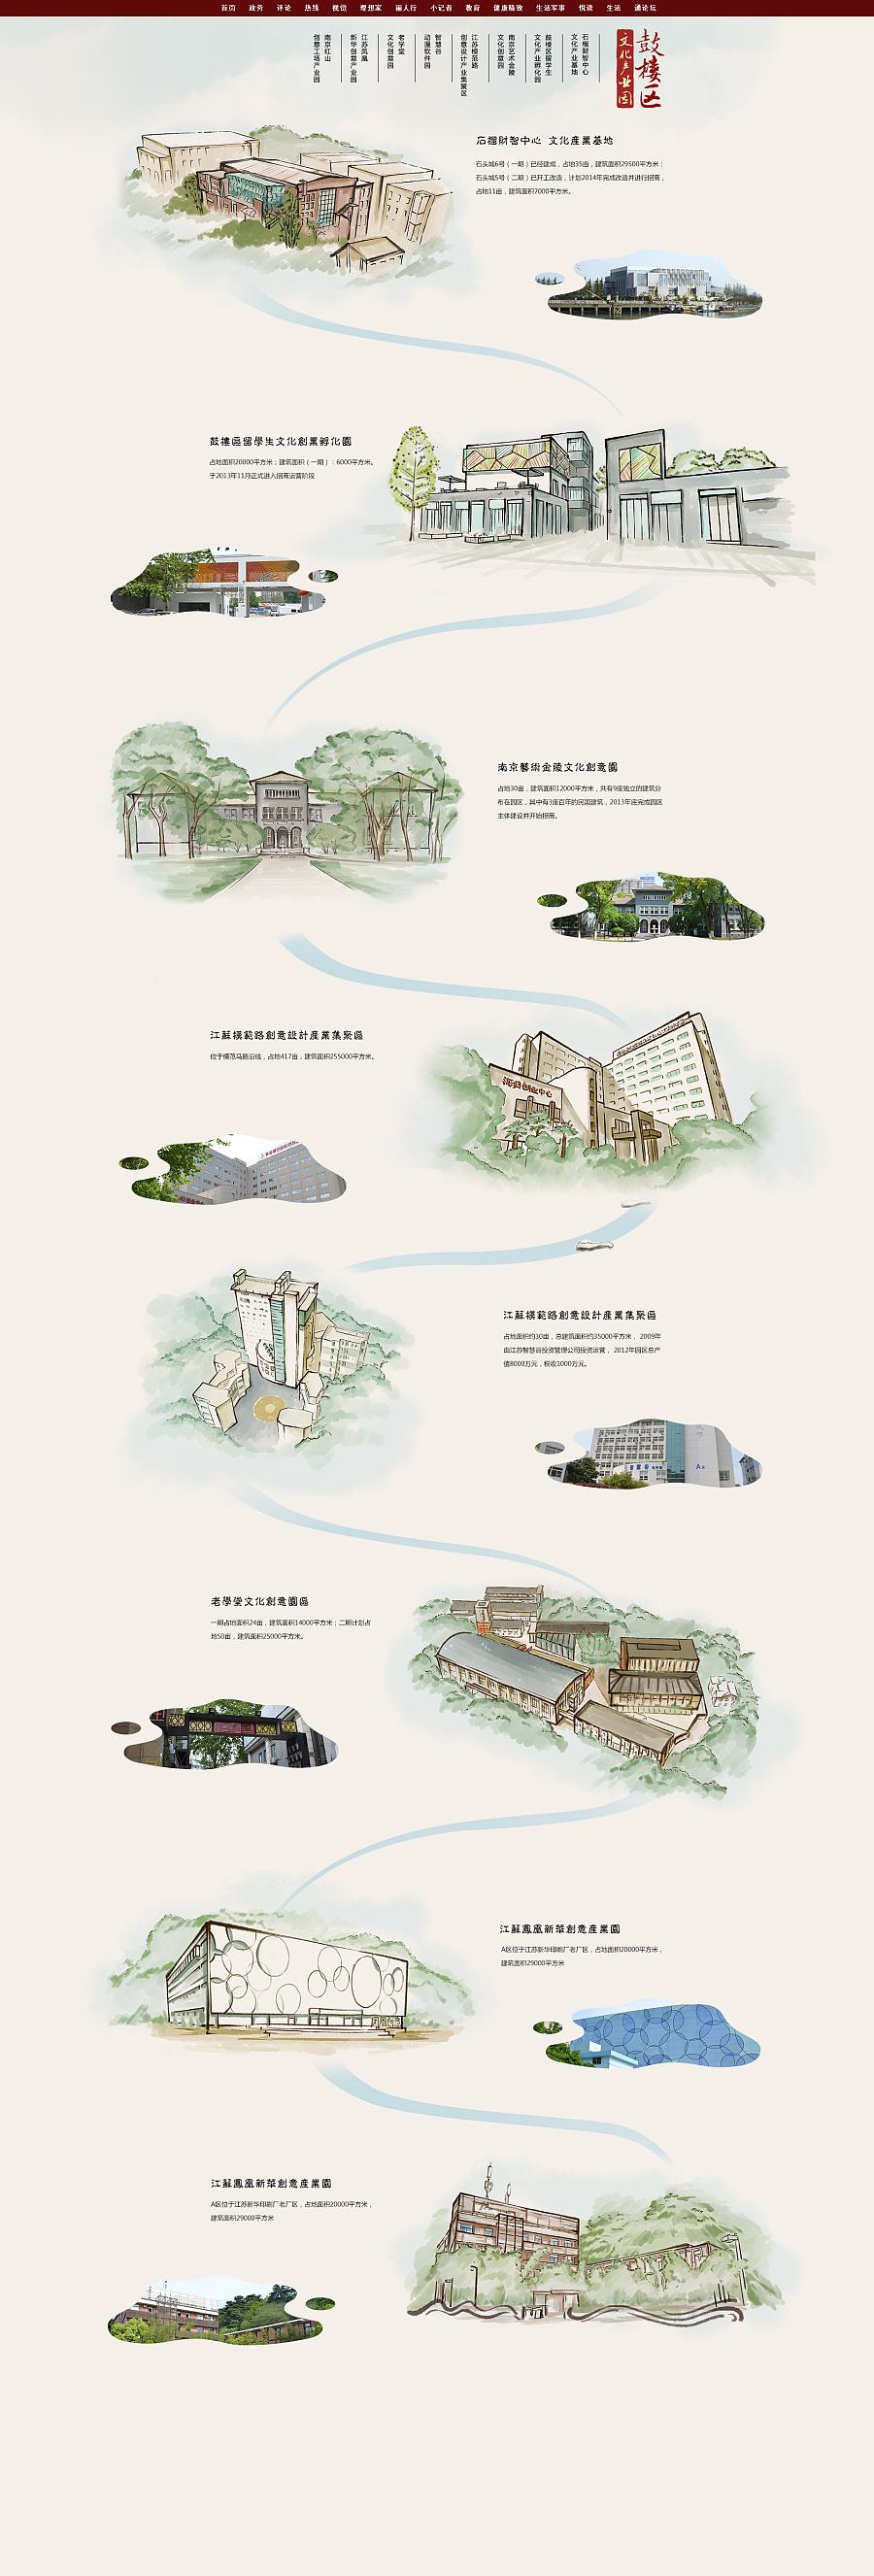 鼓楼文化产业园手绘地图 商业插画 插画 水树悠哉